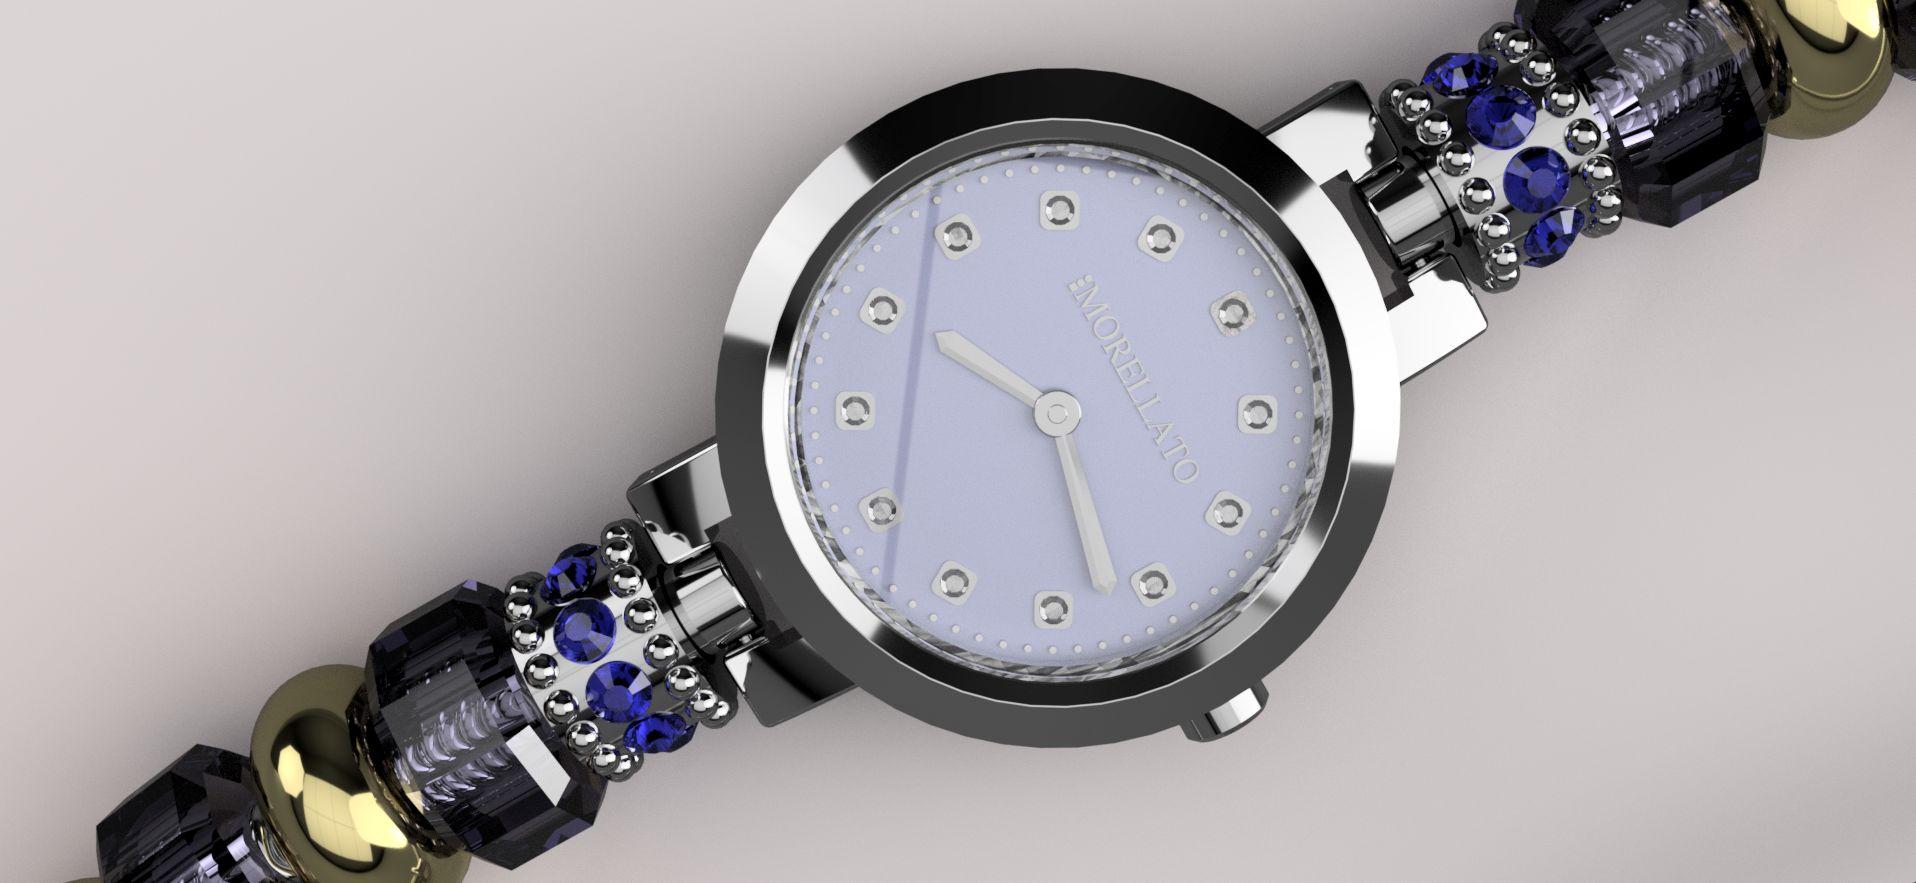 Morellato-watch-v2-2-3500-3500